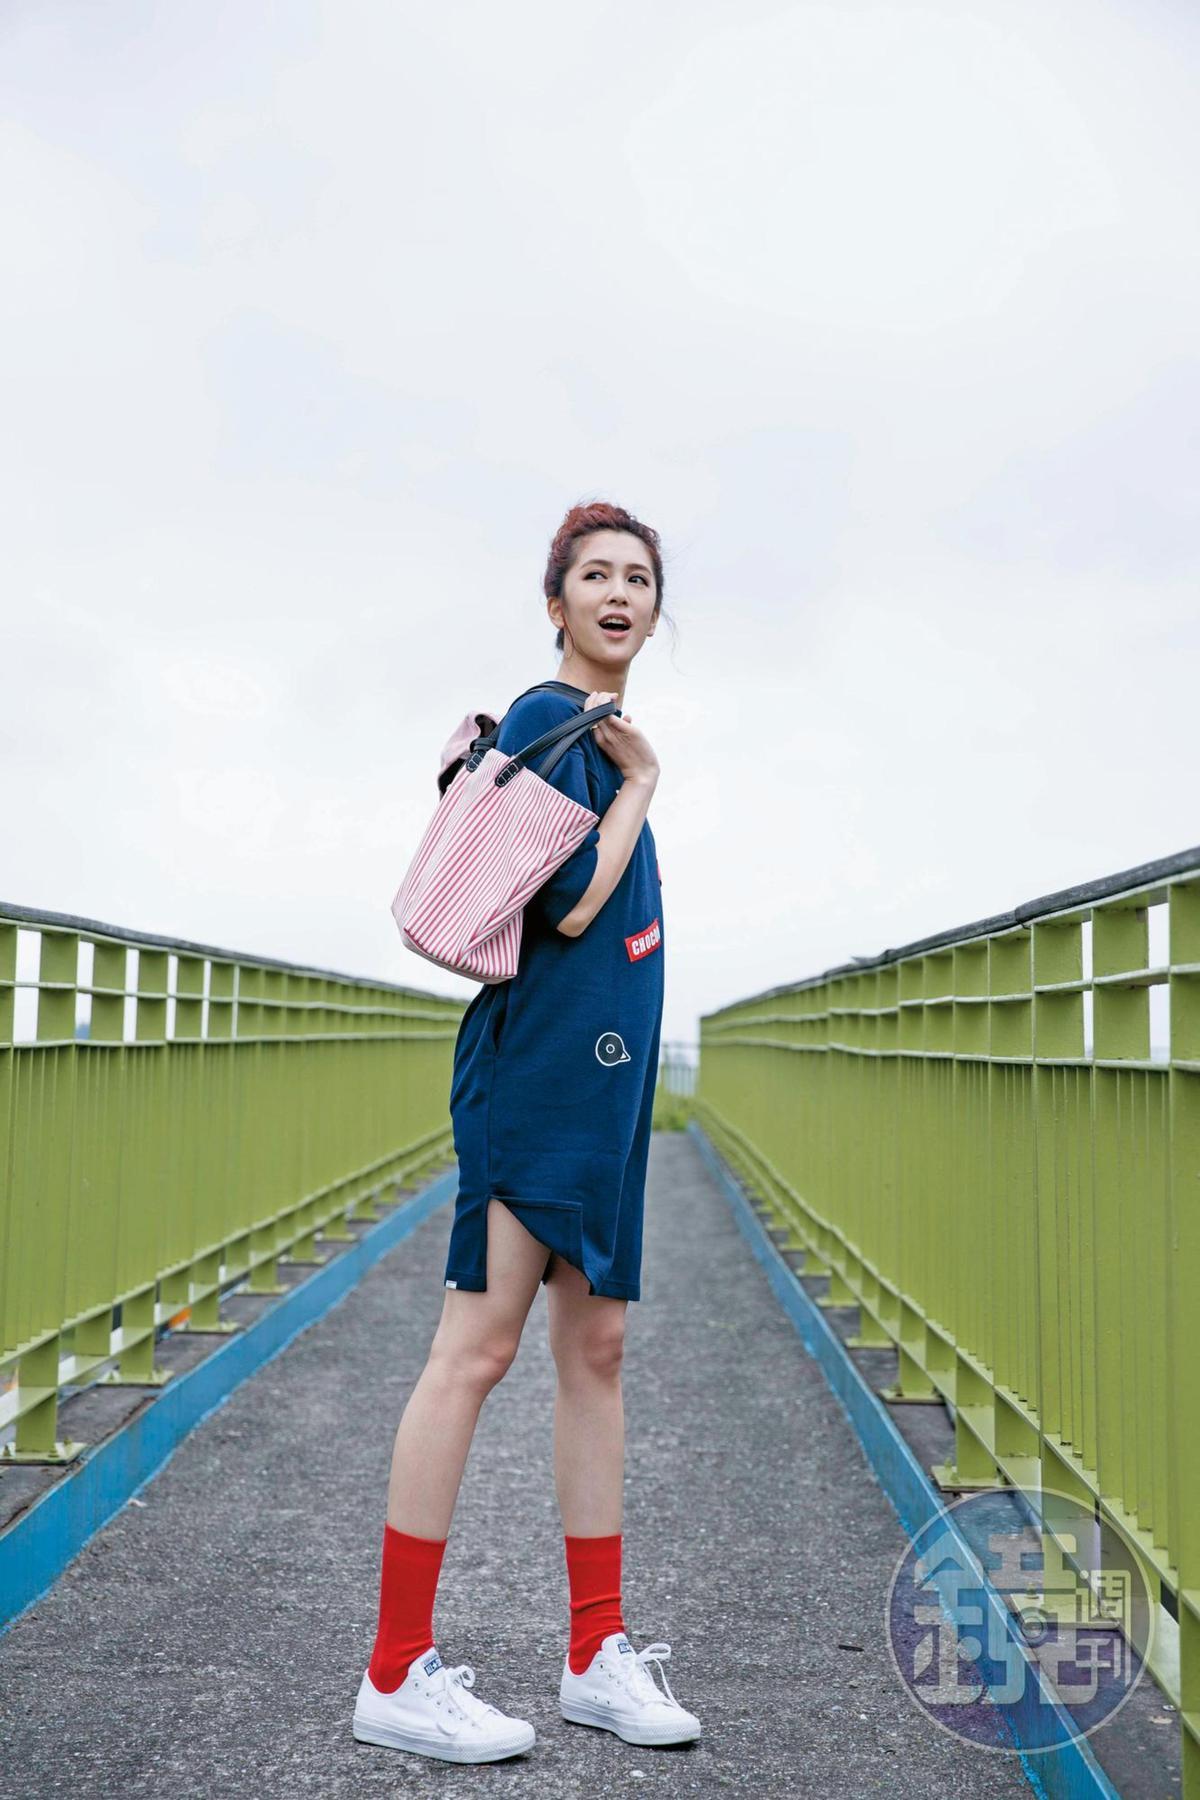 CHOCOOLATE藍色一件式洋裝,NT$1,999;東區小店購買的紅色襪子,約NT$150;Folli Follie星星造型戒指,NT$1,490;Folli Follie紅白條紋購物袋,NT$5,190;All Star白色帆布鞋,約NT$2,000。